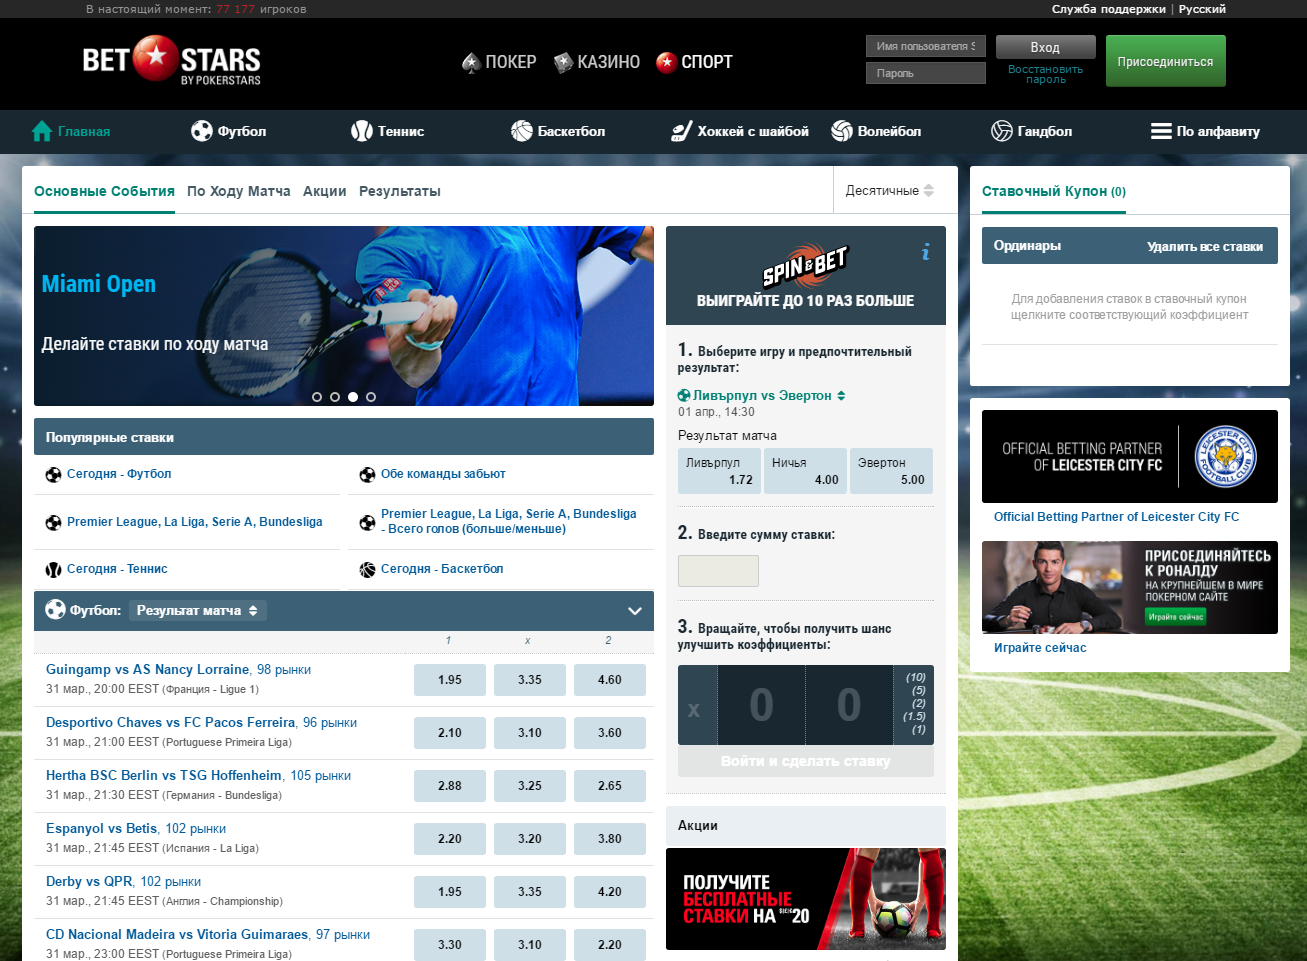 Официальный сайт букмекерской конторы Betstars